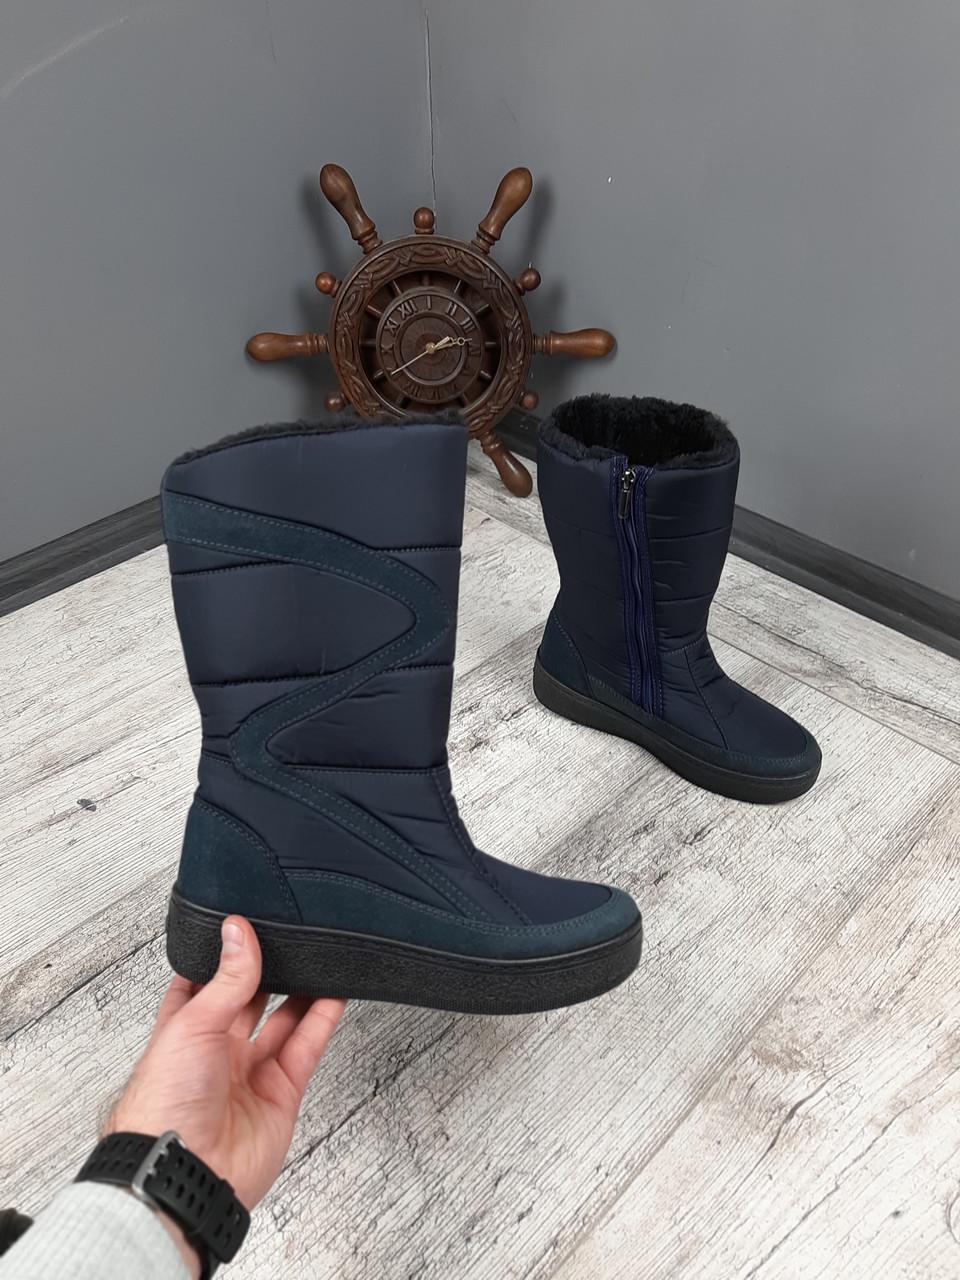 Сапоги, дутики влагостойкие Paolla, обувь зимняя на меху, Украина